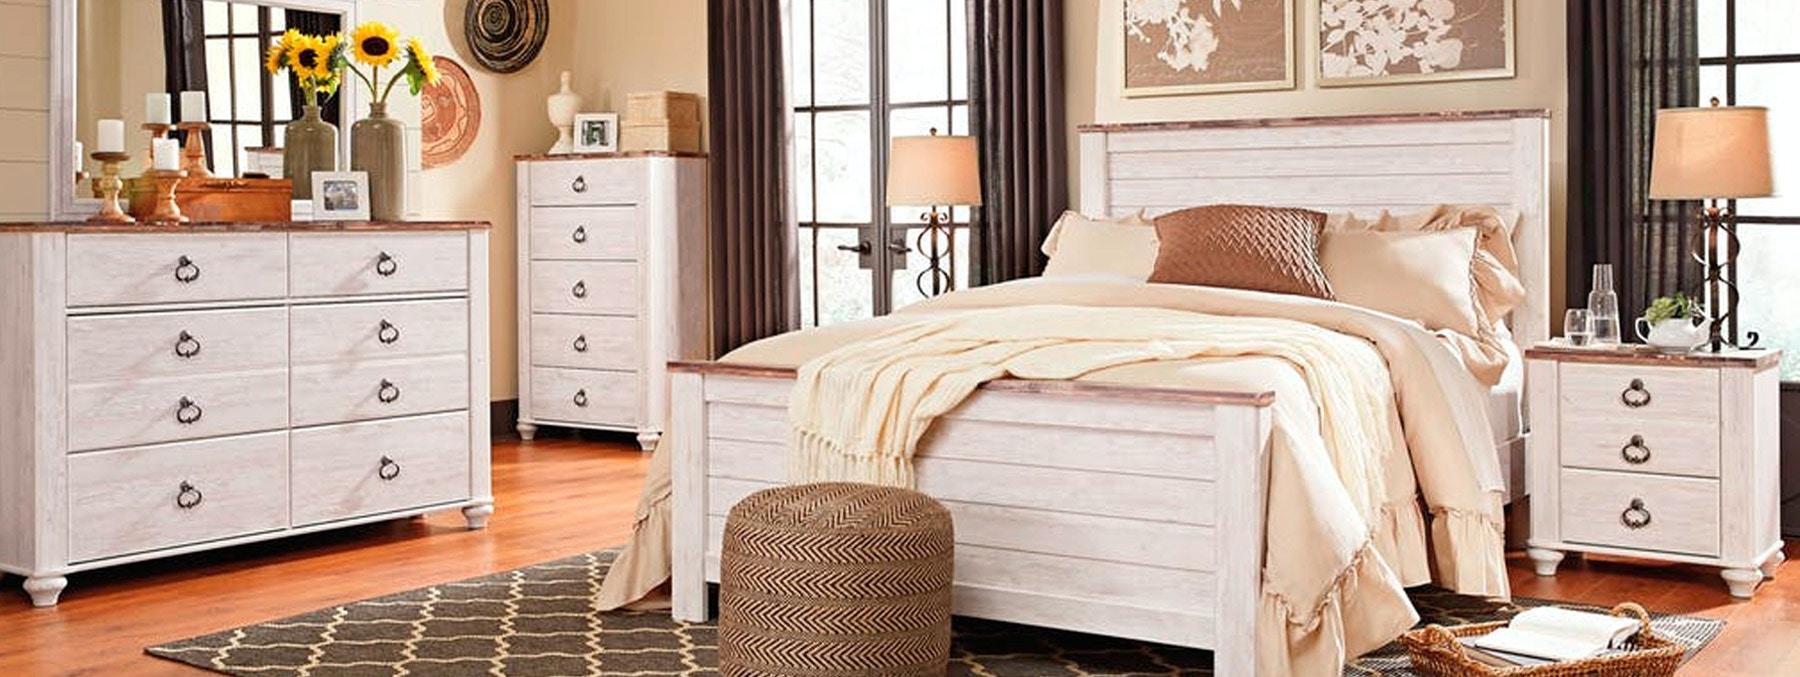 Bedroom Master Bedroom Sets Elgin Furniture Cleveland Oh